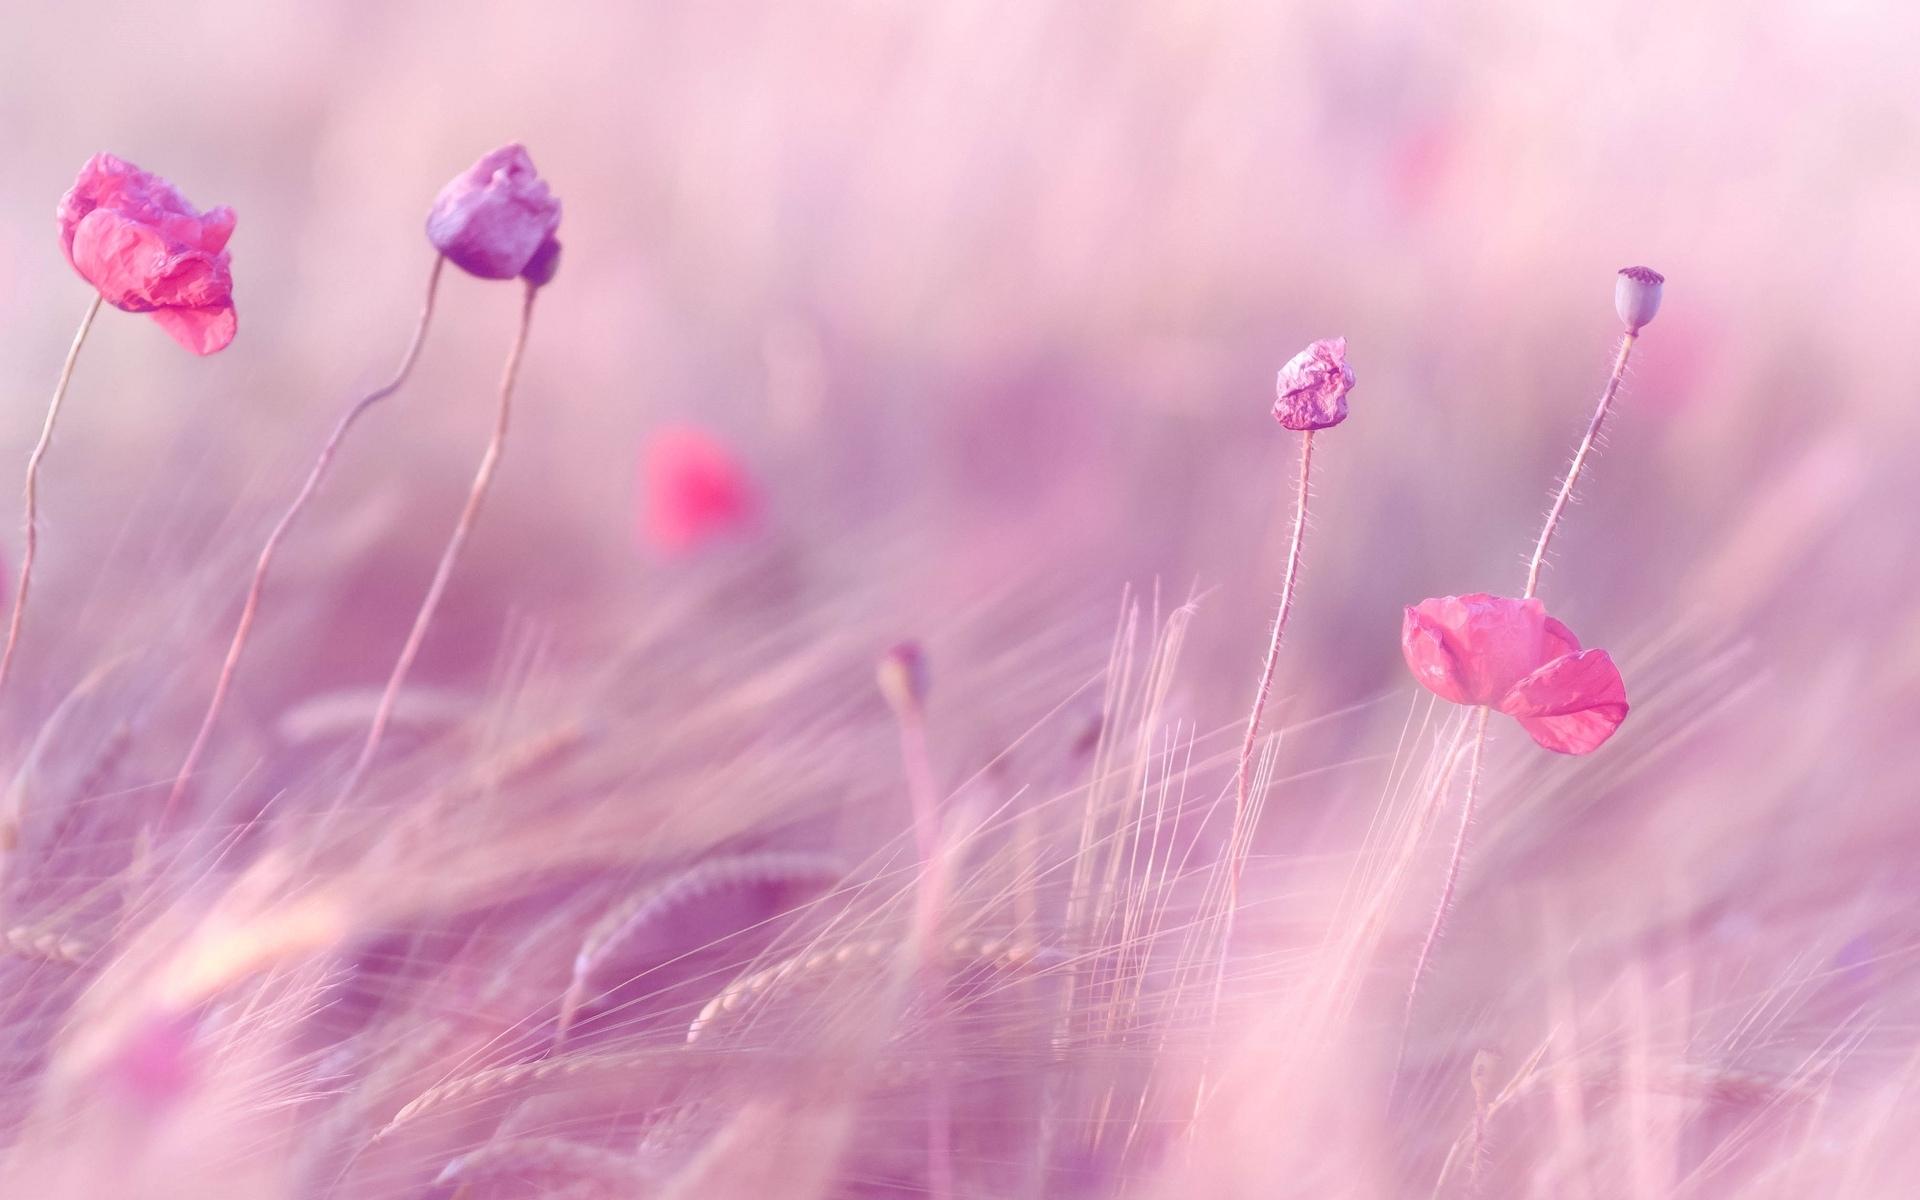 Hd Wallpaper Pink Flowers Wallpapersafari